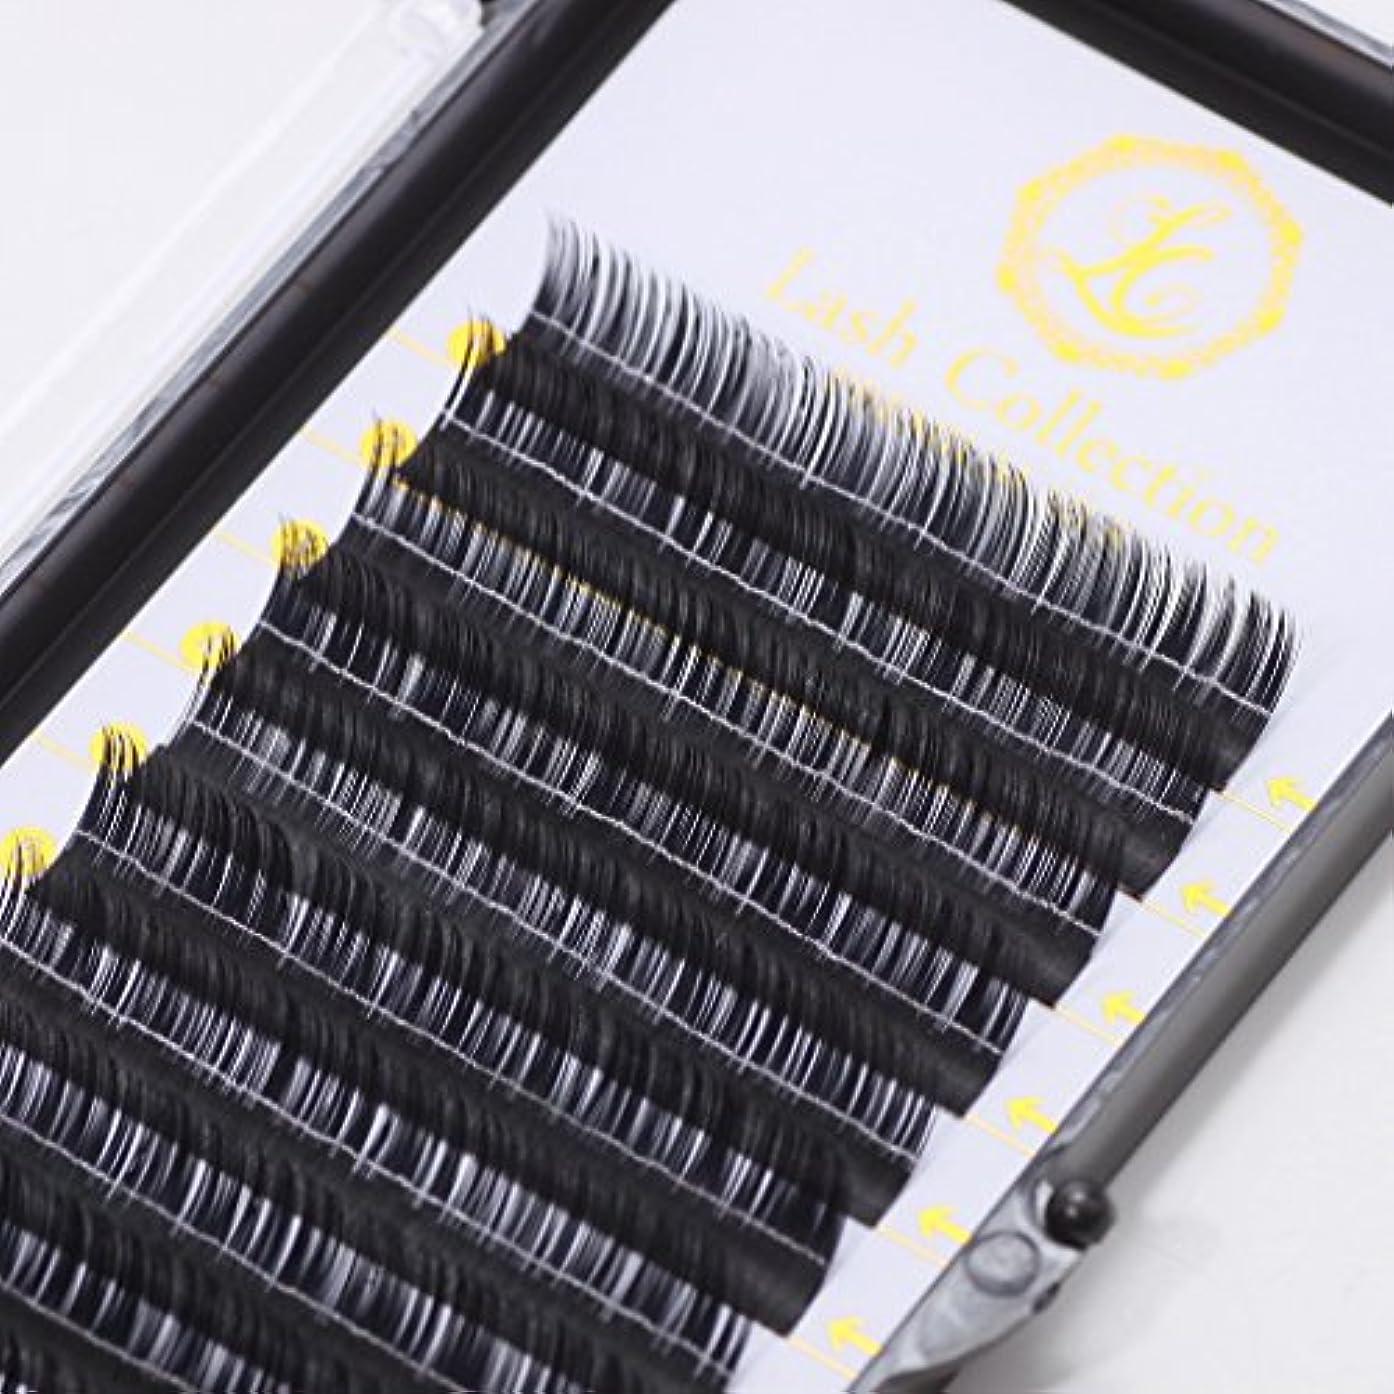 有彩色のペレグリネーションスタイルLash Collection サロン監修 セルフ用 シングルラッシュ セーブル Cカール 12mm